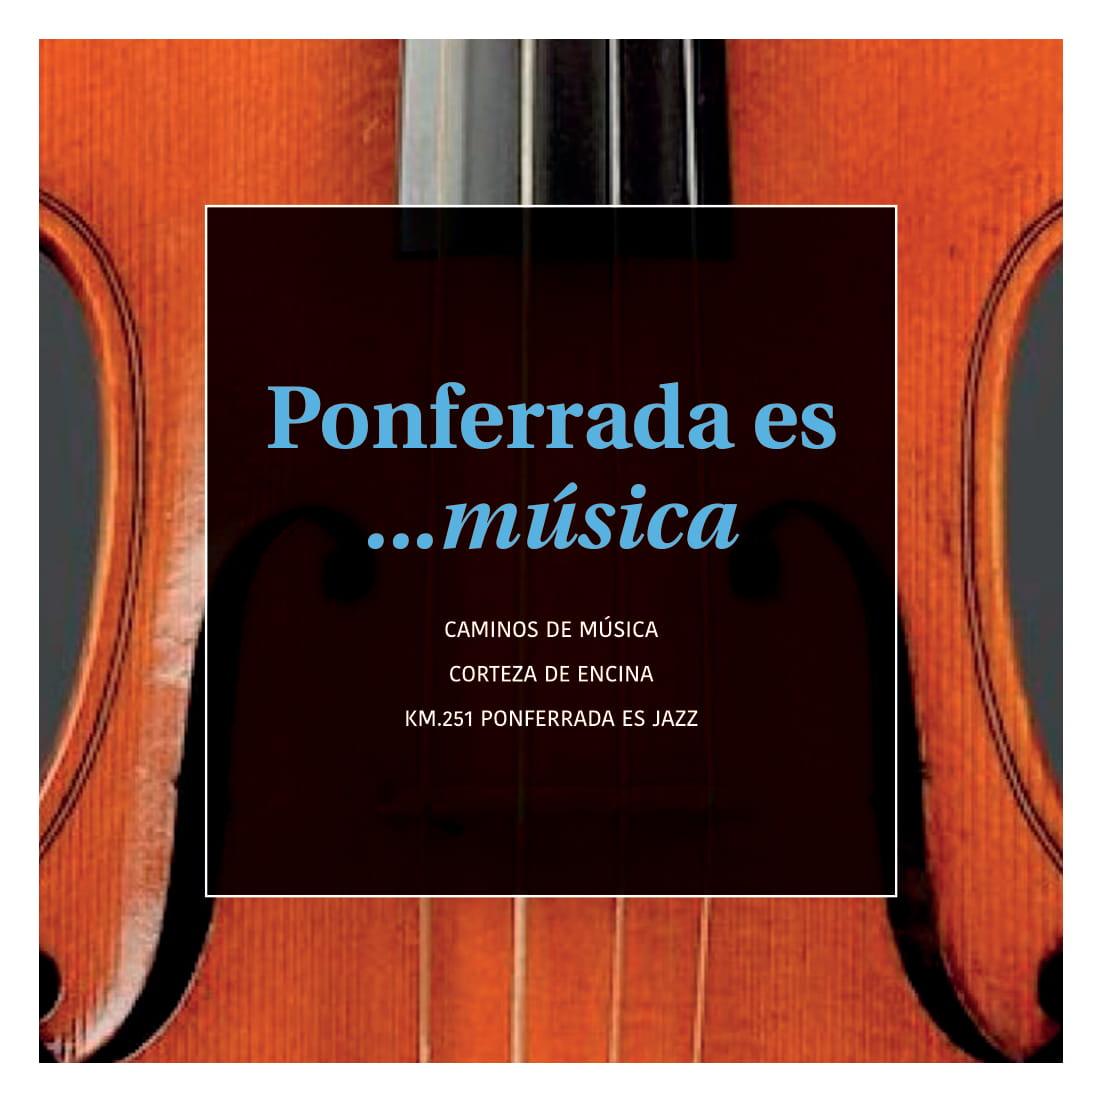 Ponferrada será... música, cultura, monumentos, turismo y más durante el verano de 2021 11